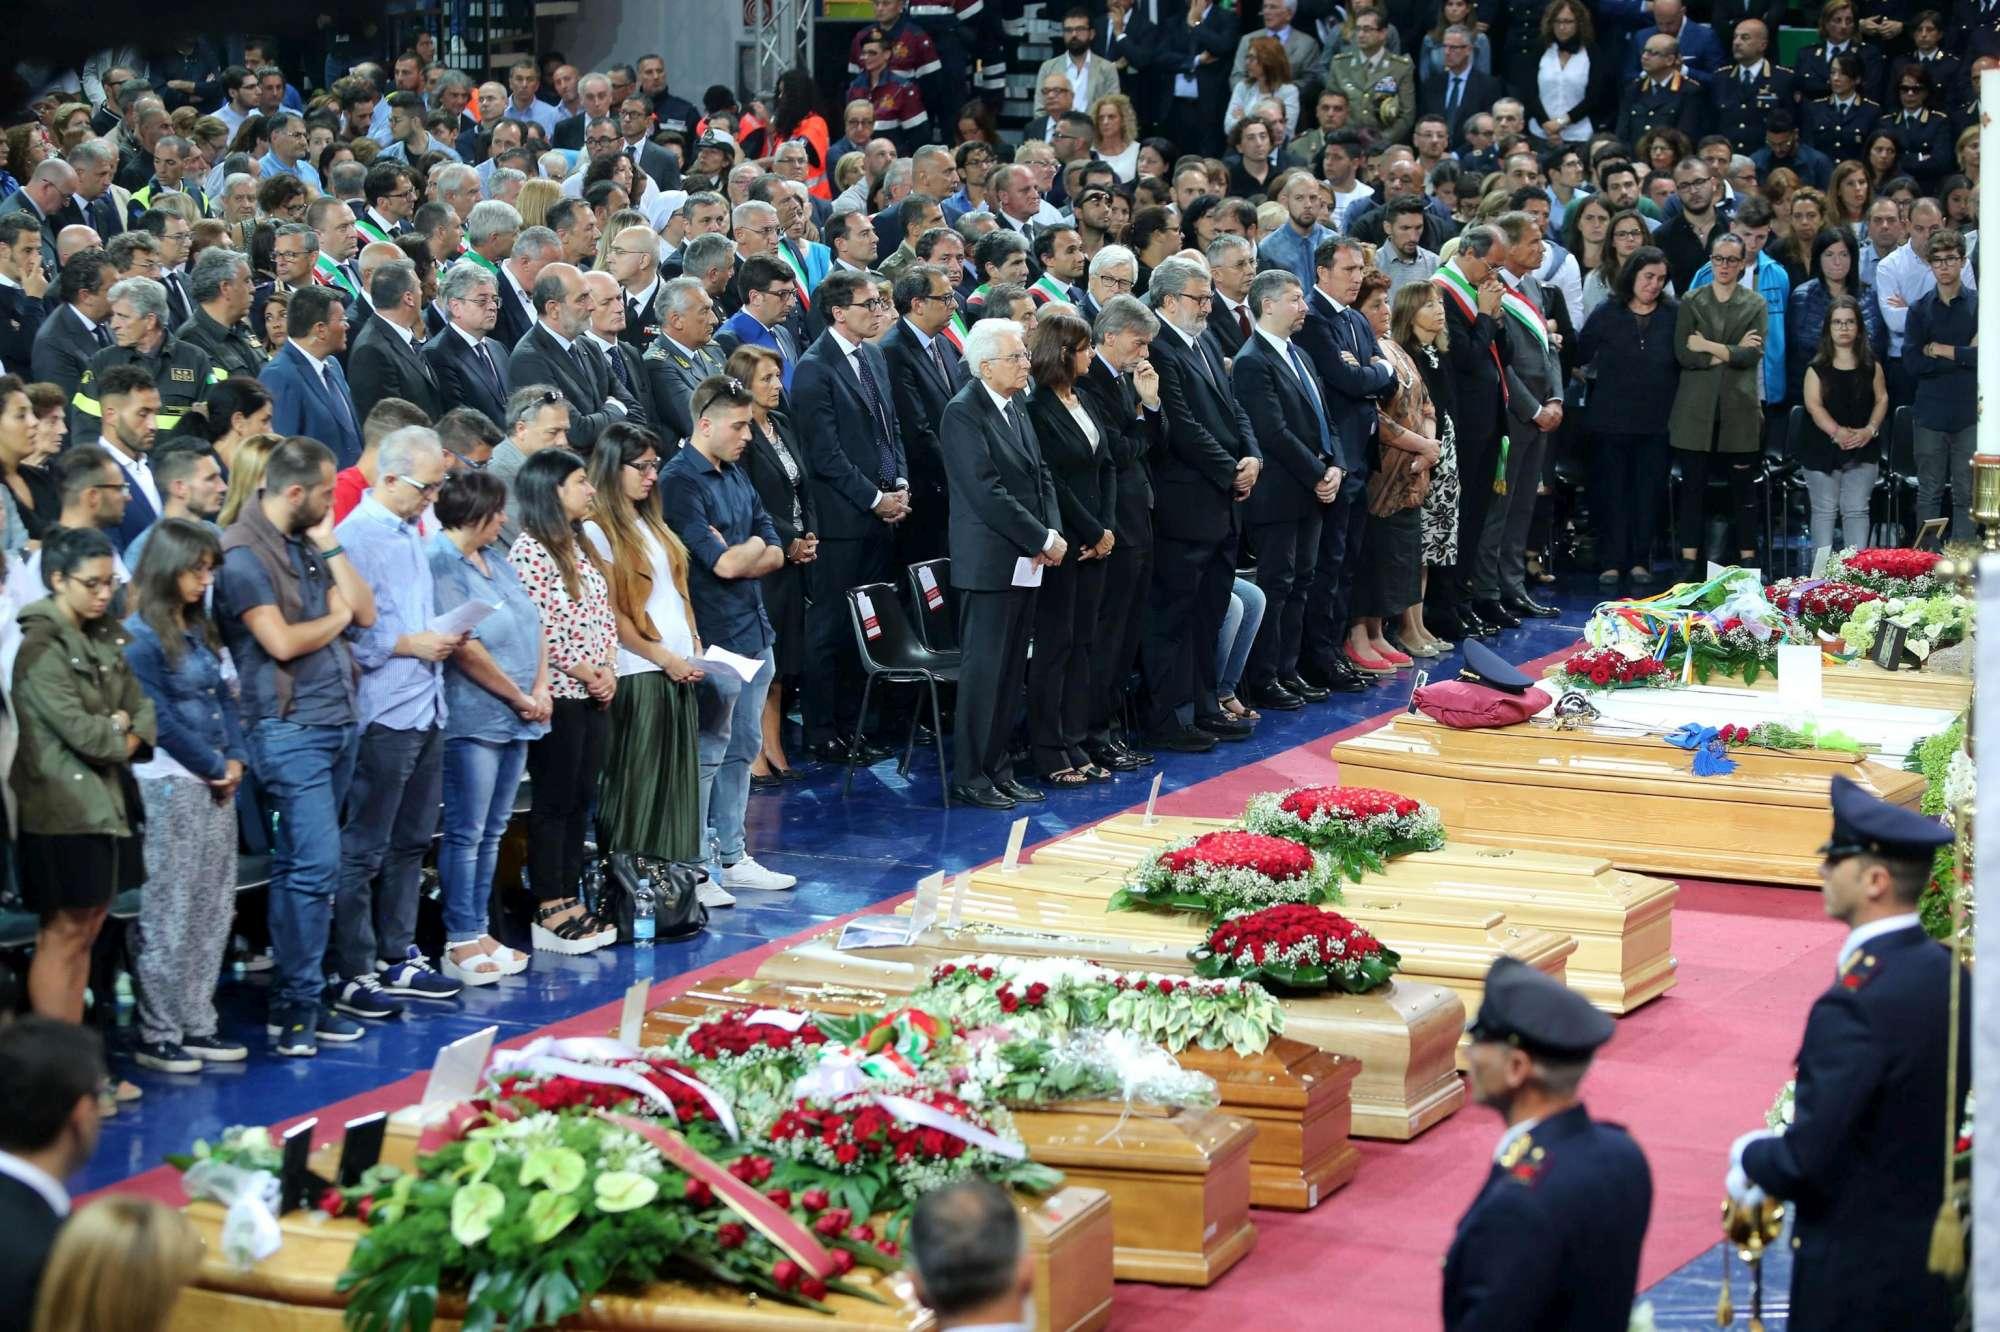 Scontro treni, è il giorno dell ultimo addio alle vittime: funerali ad Andria